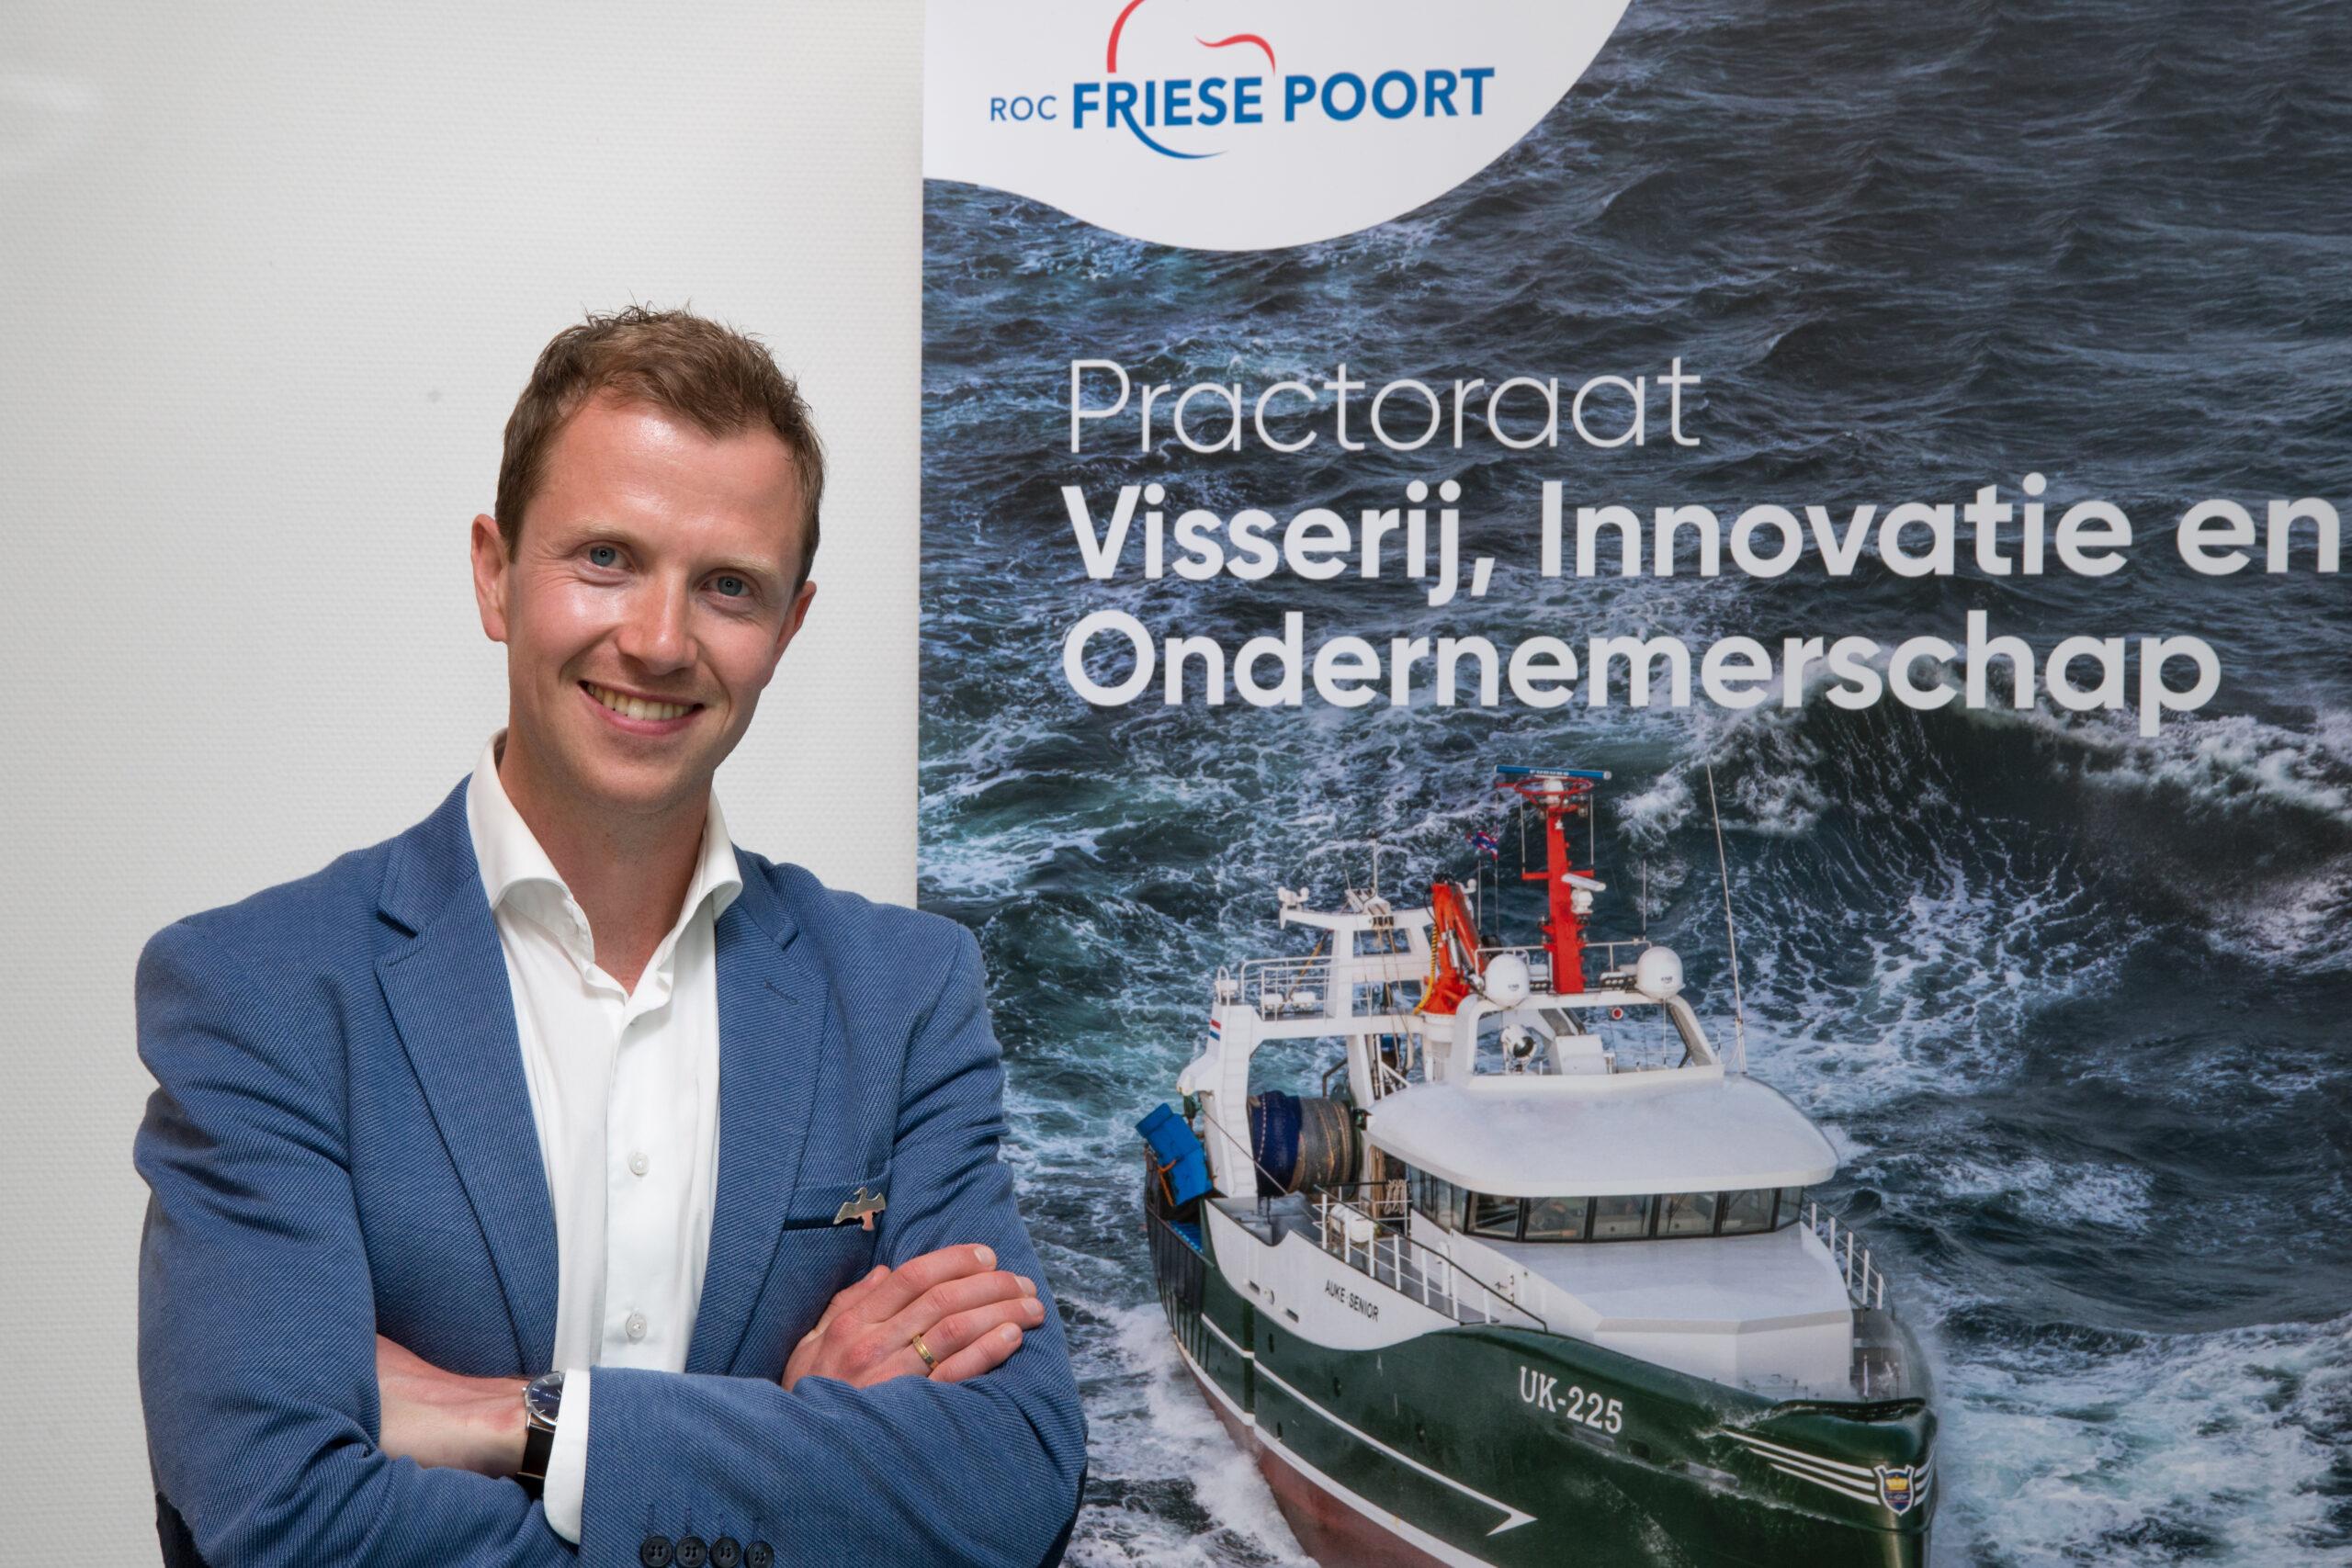 Geert Hoekstra is WUR's first fisheries 'practor'